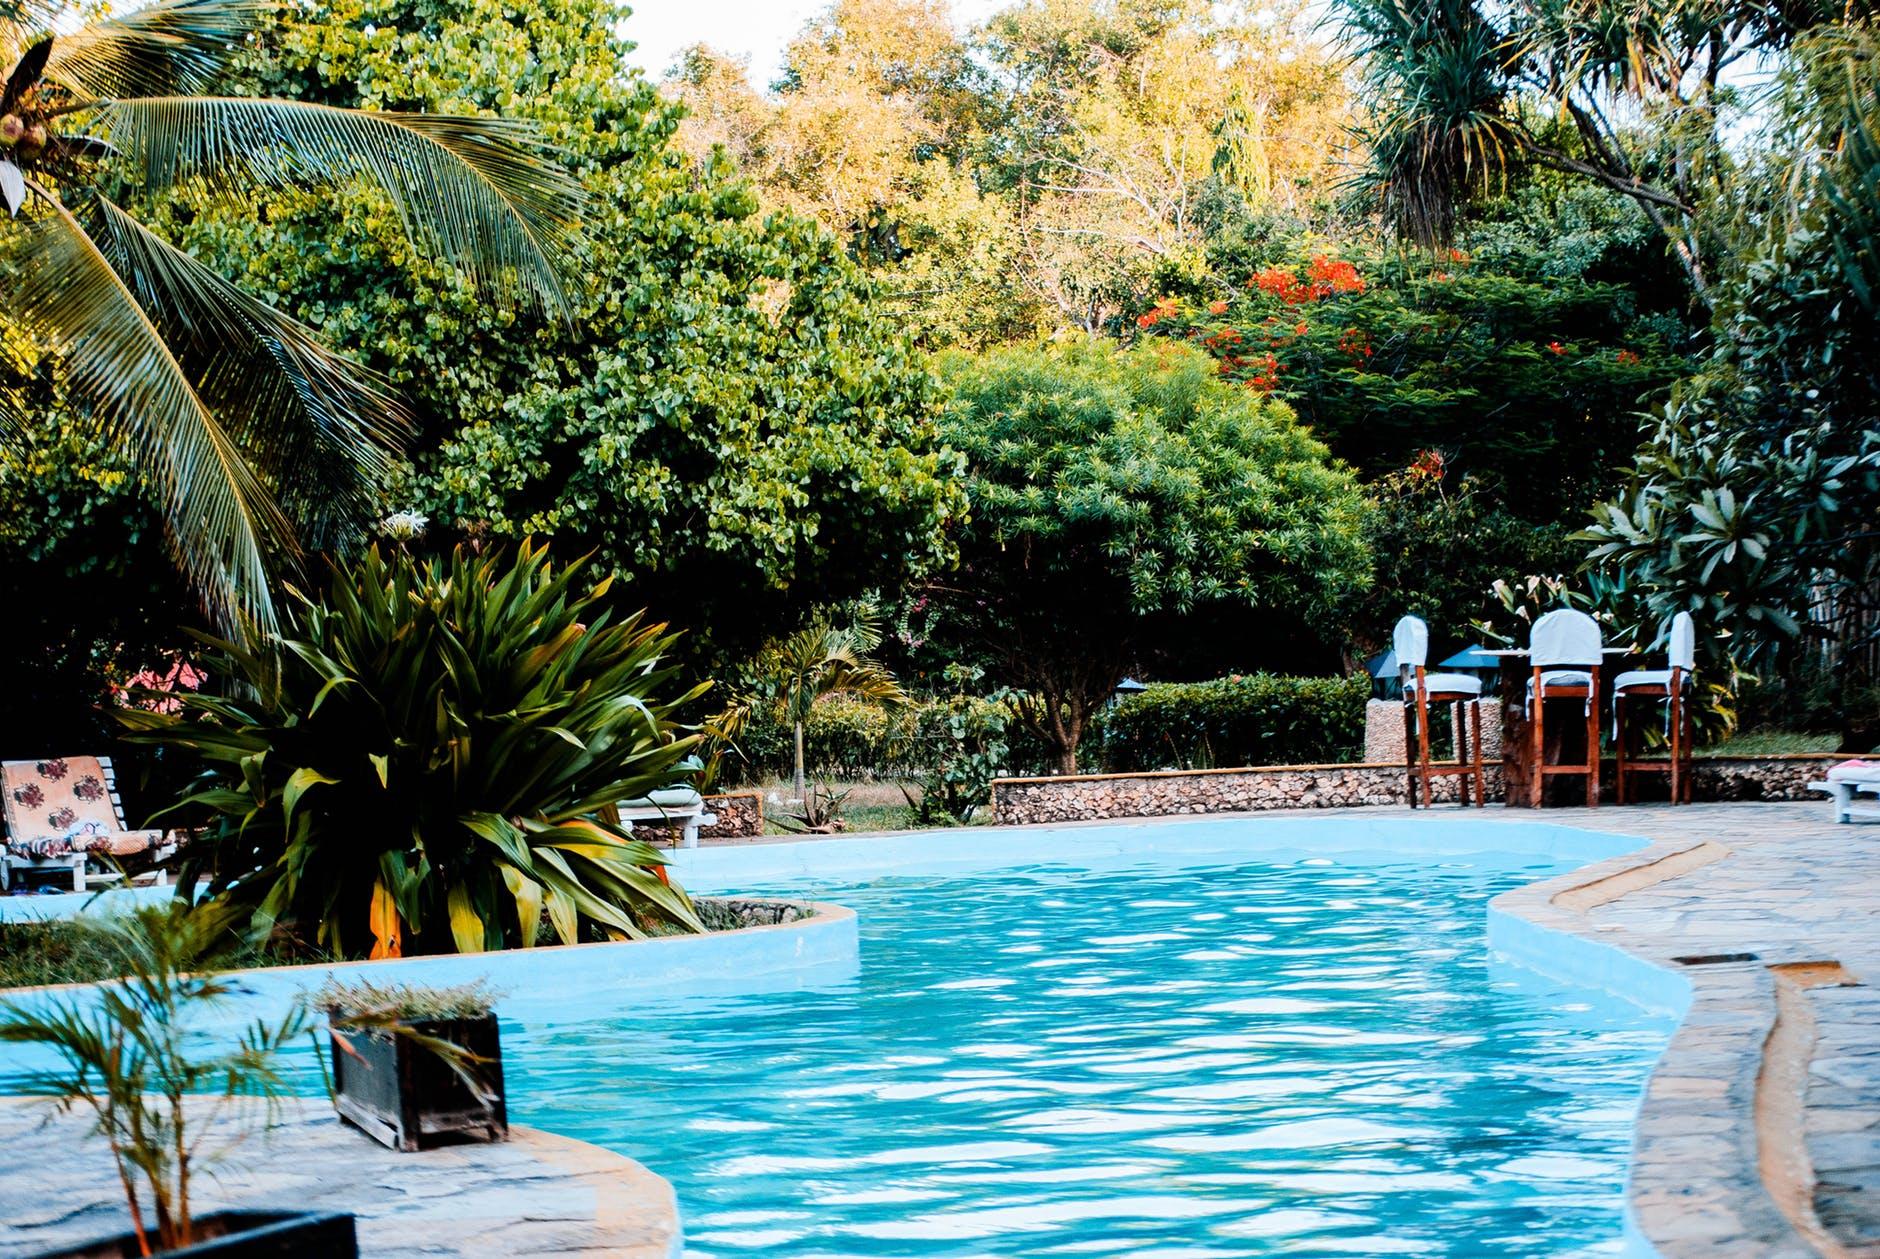 Hoe kan ik mijn tuin een luxe uitstraling geven